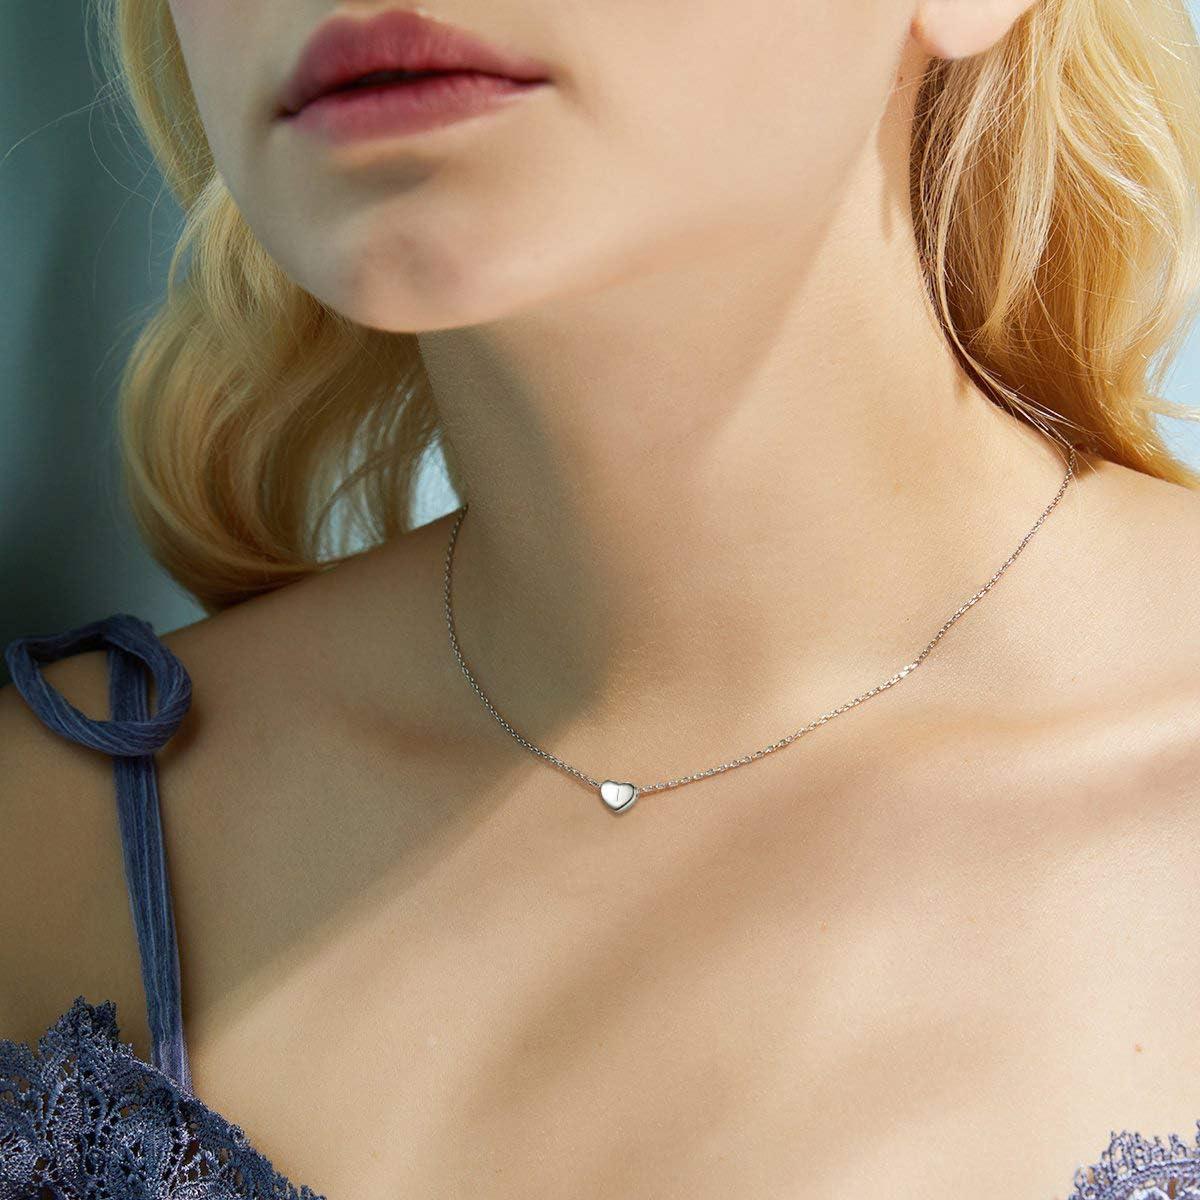 Clearine Collier Lettre Pendentif Forme Coeur Femme Initial Pr/énom Alphabet Argent 925 Bijou Cadeau Personnalis/é 3 Couleurs